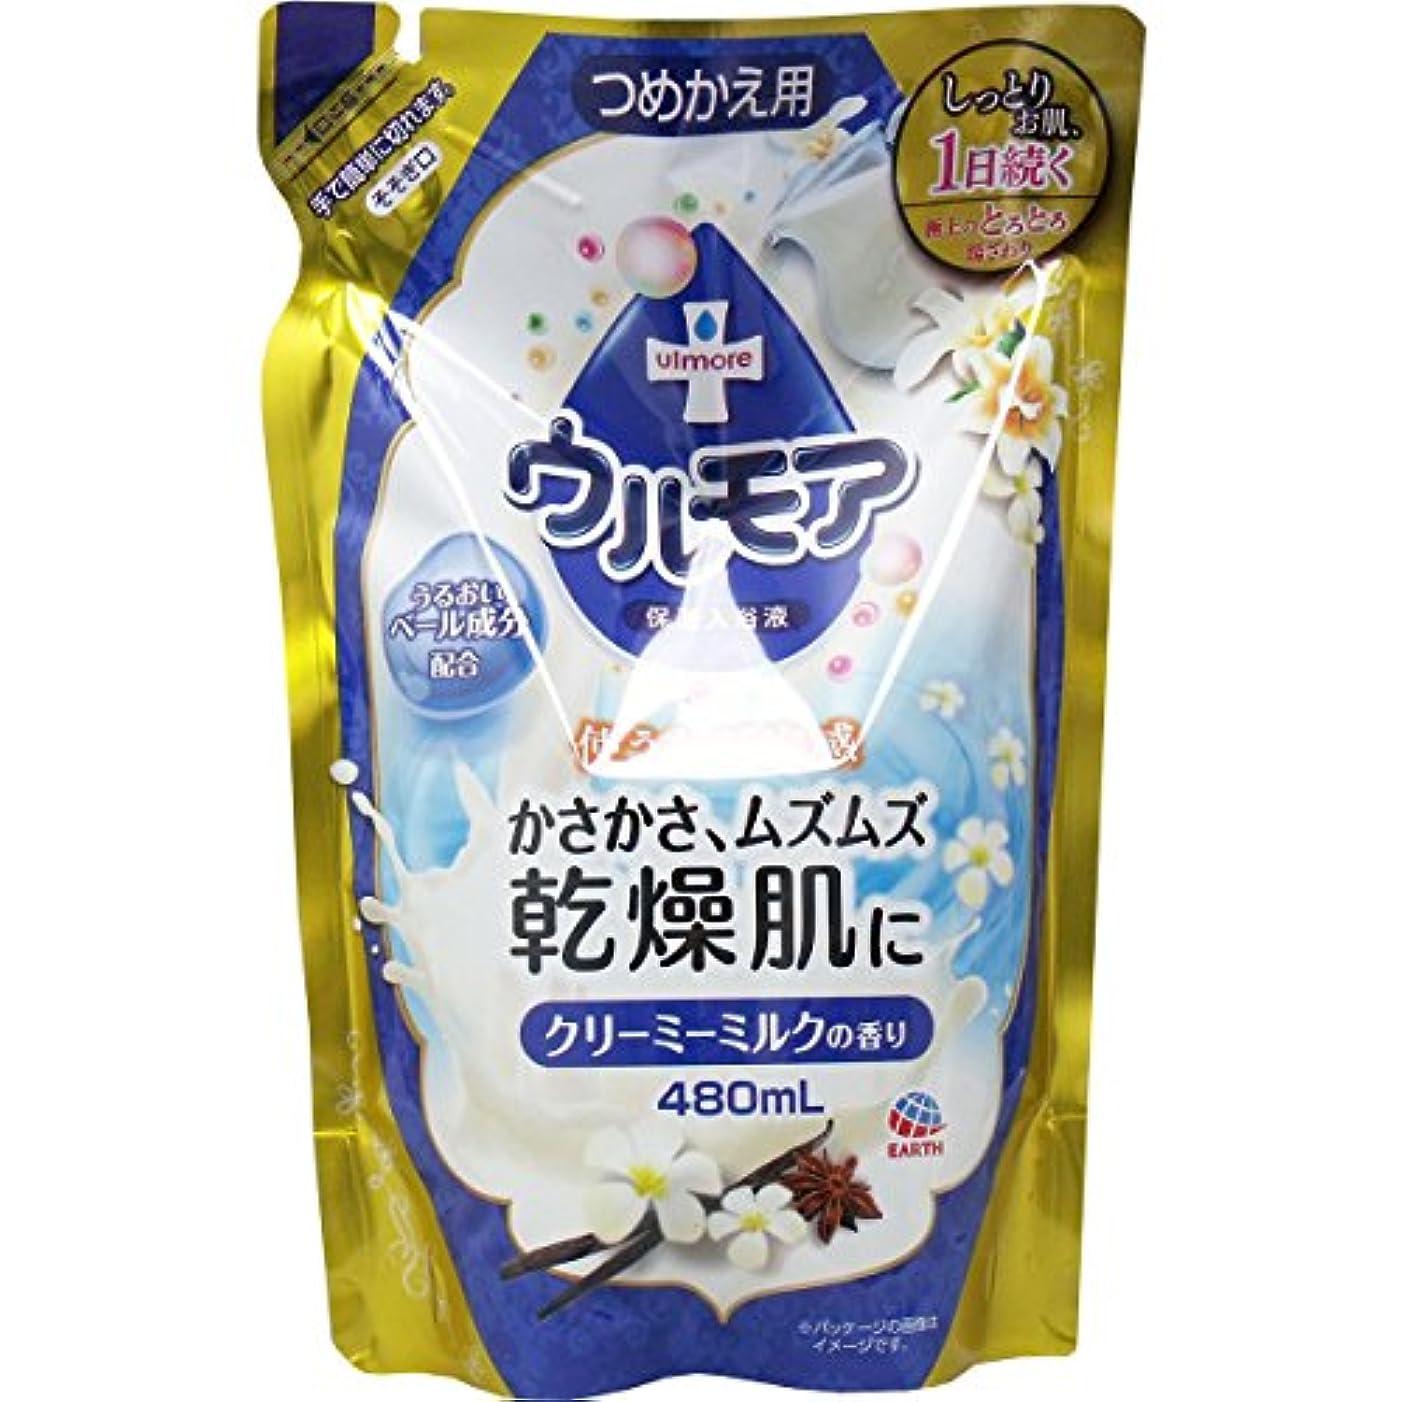 犯人複製する影響を受けやすいです保湿入浴液ウルモアクリーミーミルク 替え × 10個セット